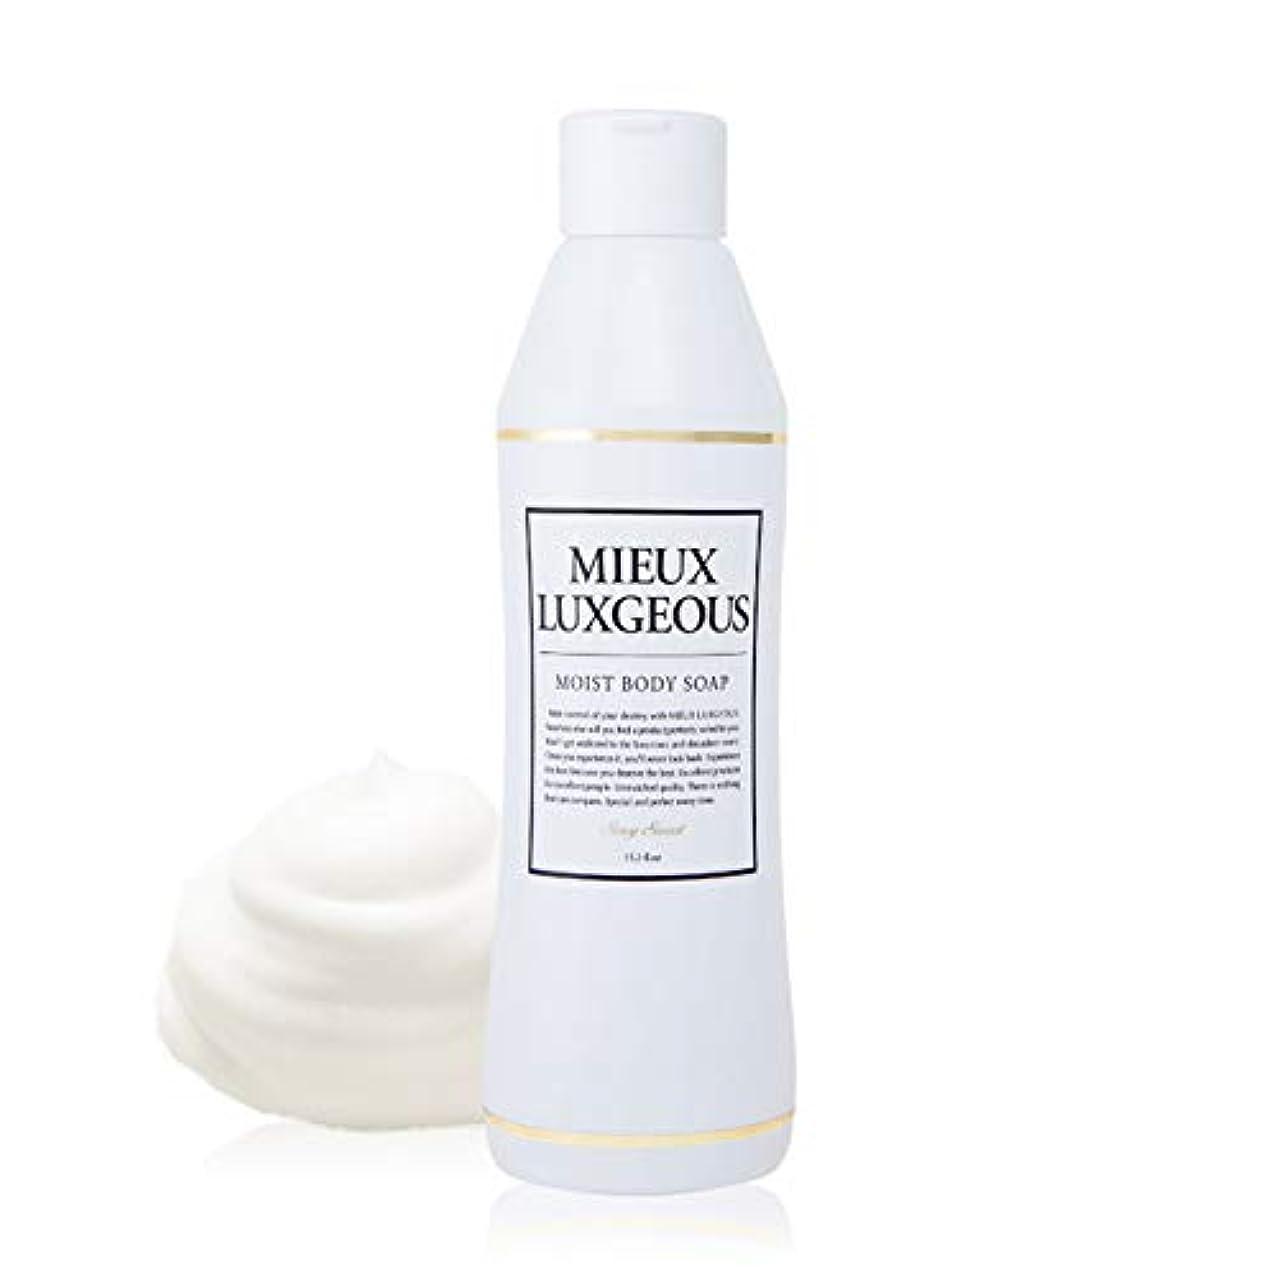 特に扇動する影響を受けやすいですミューラグジャス モイストボディソープ MOIST BODY SOAP - Sexy Sweetの香り